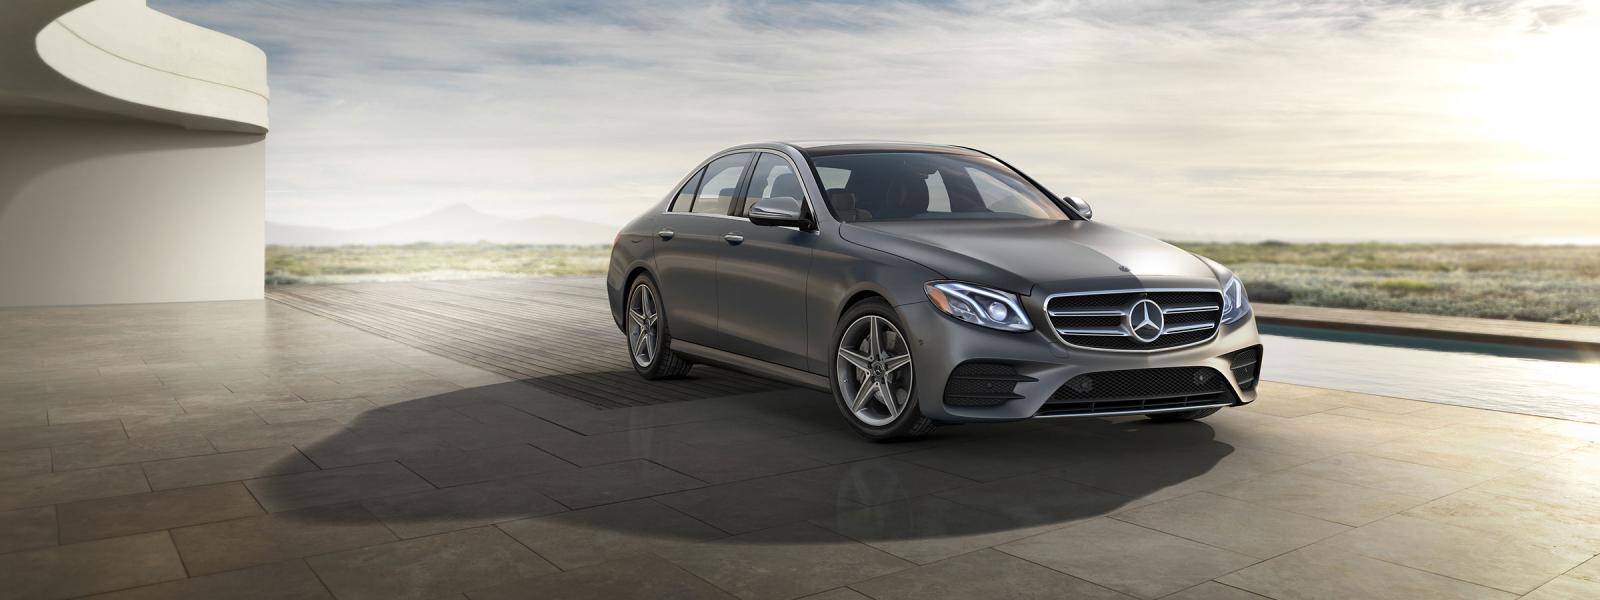 El Mercedes EQE será más corto que el actual Mercedes Clase E, además de presumir un look más tecnológico